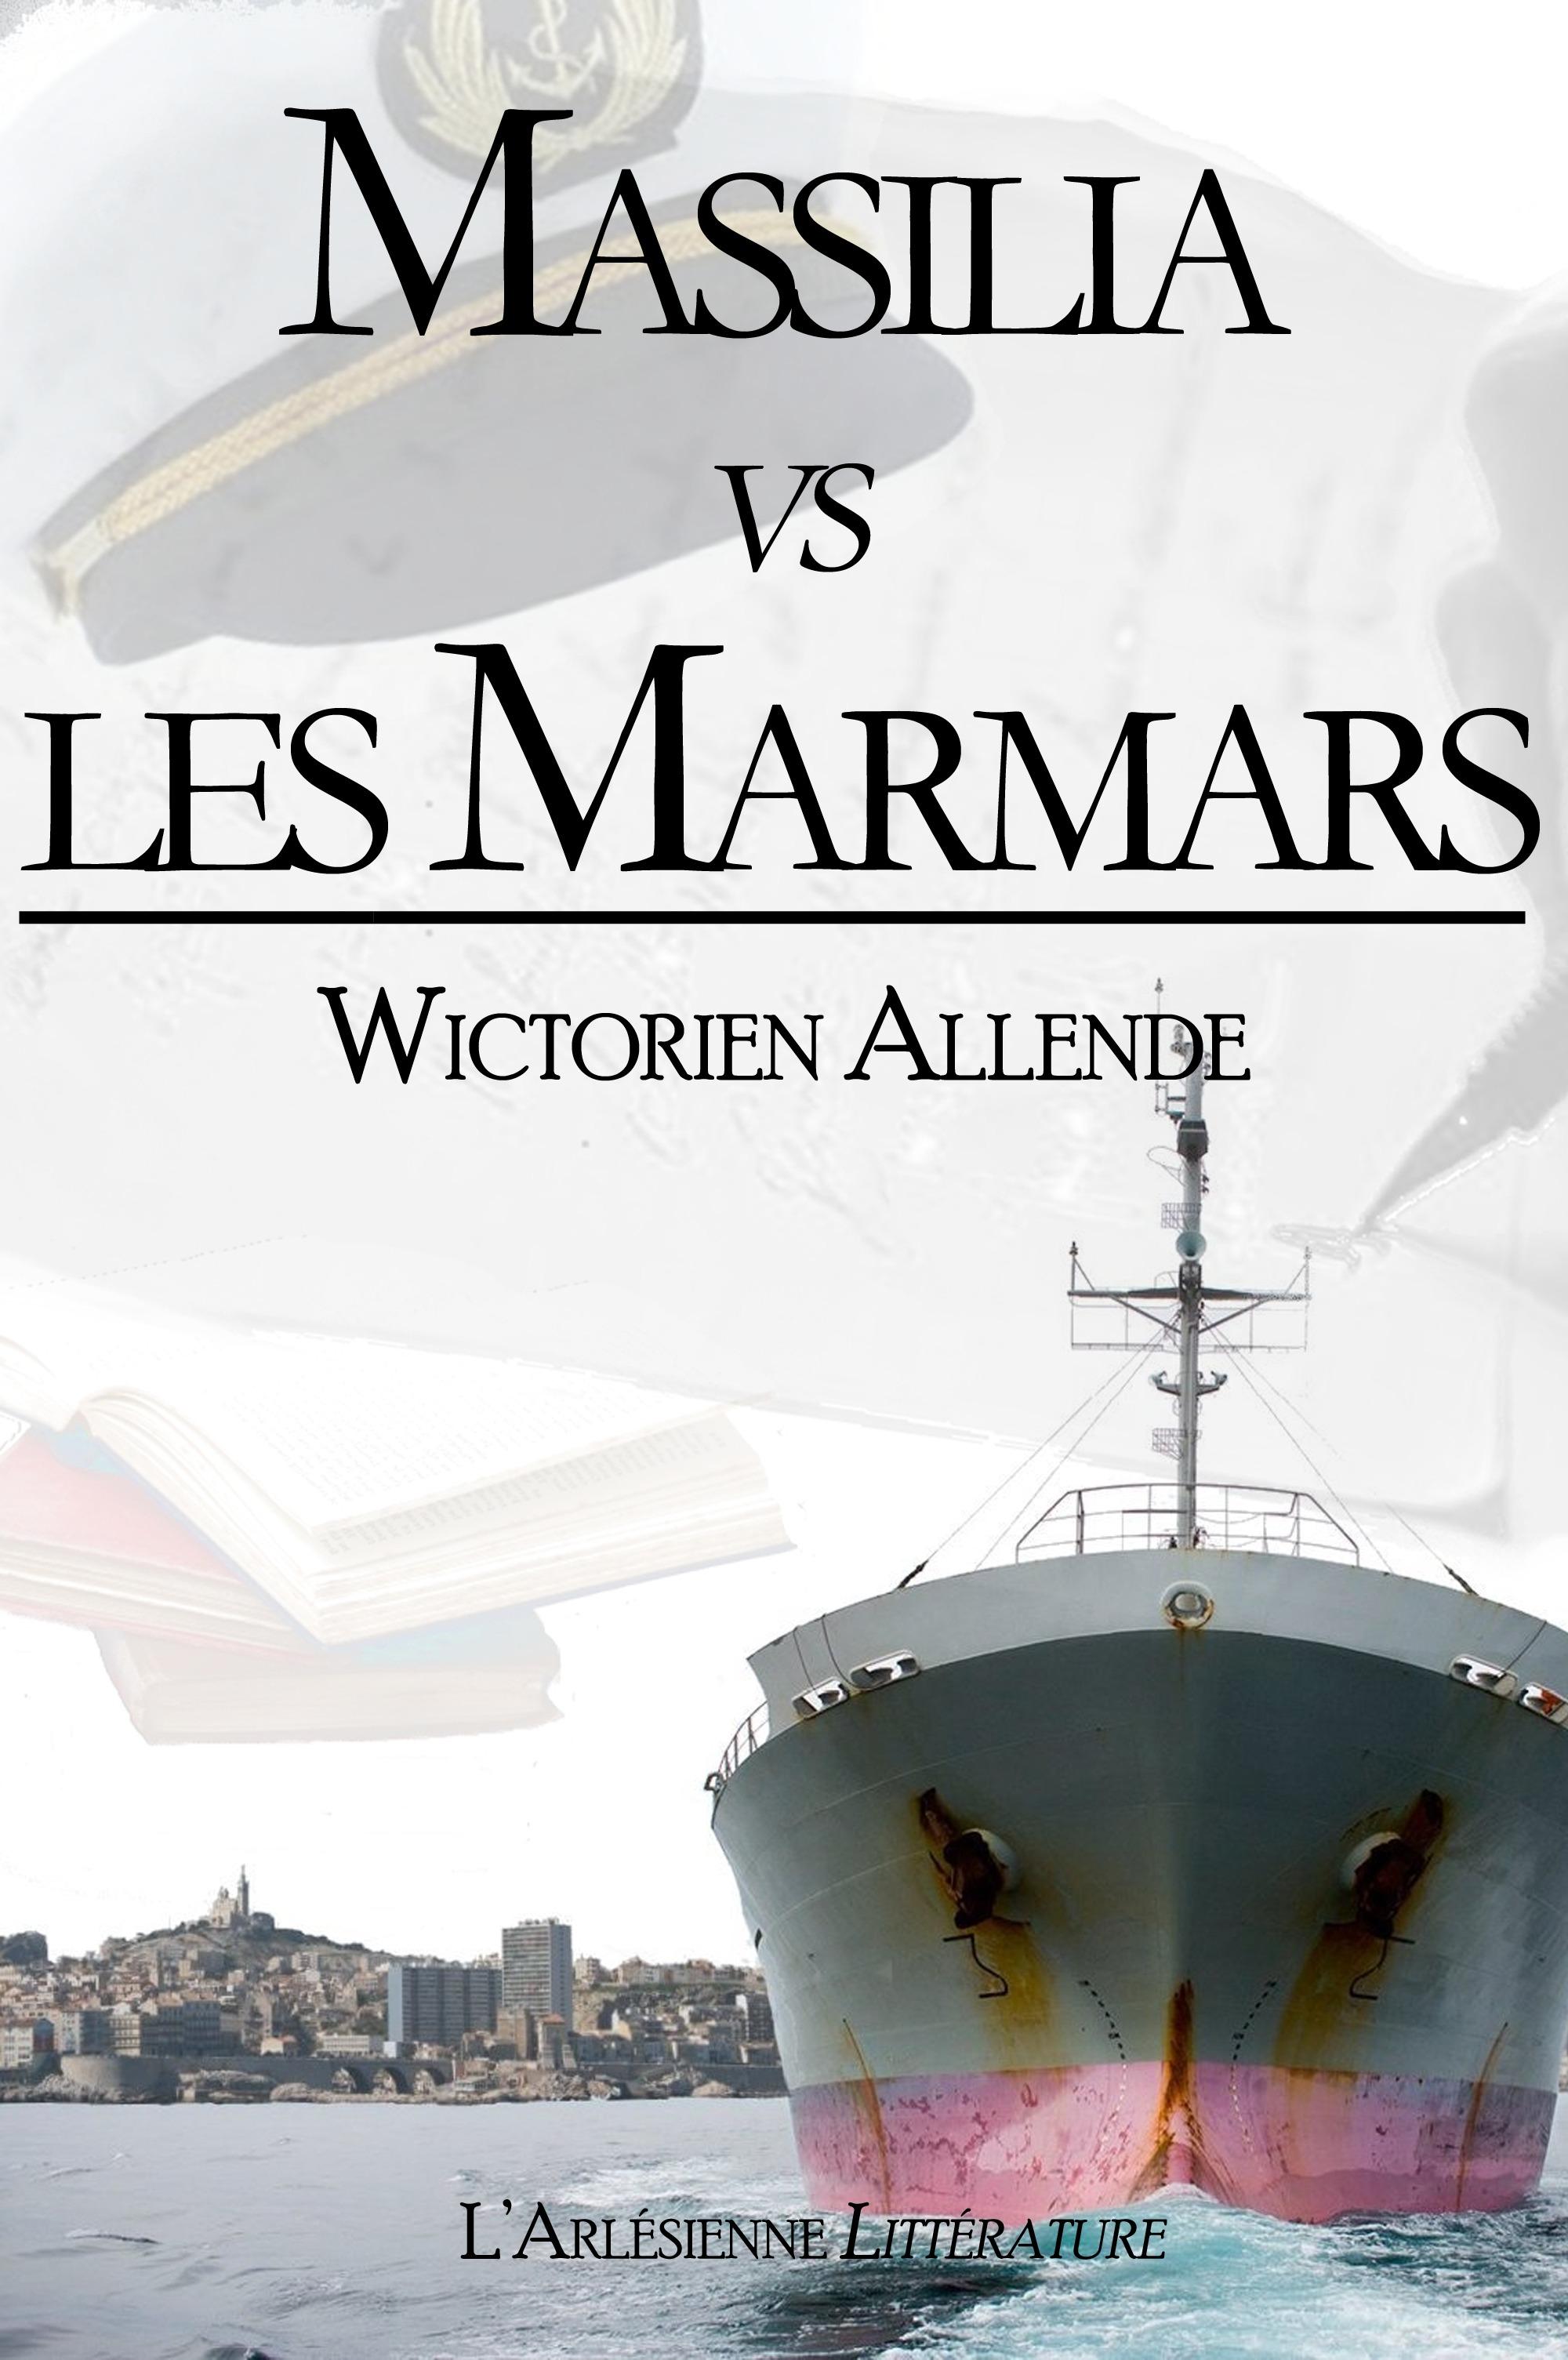 Massilia vs les Marmars, NOVELLA